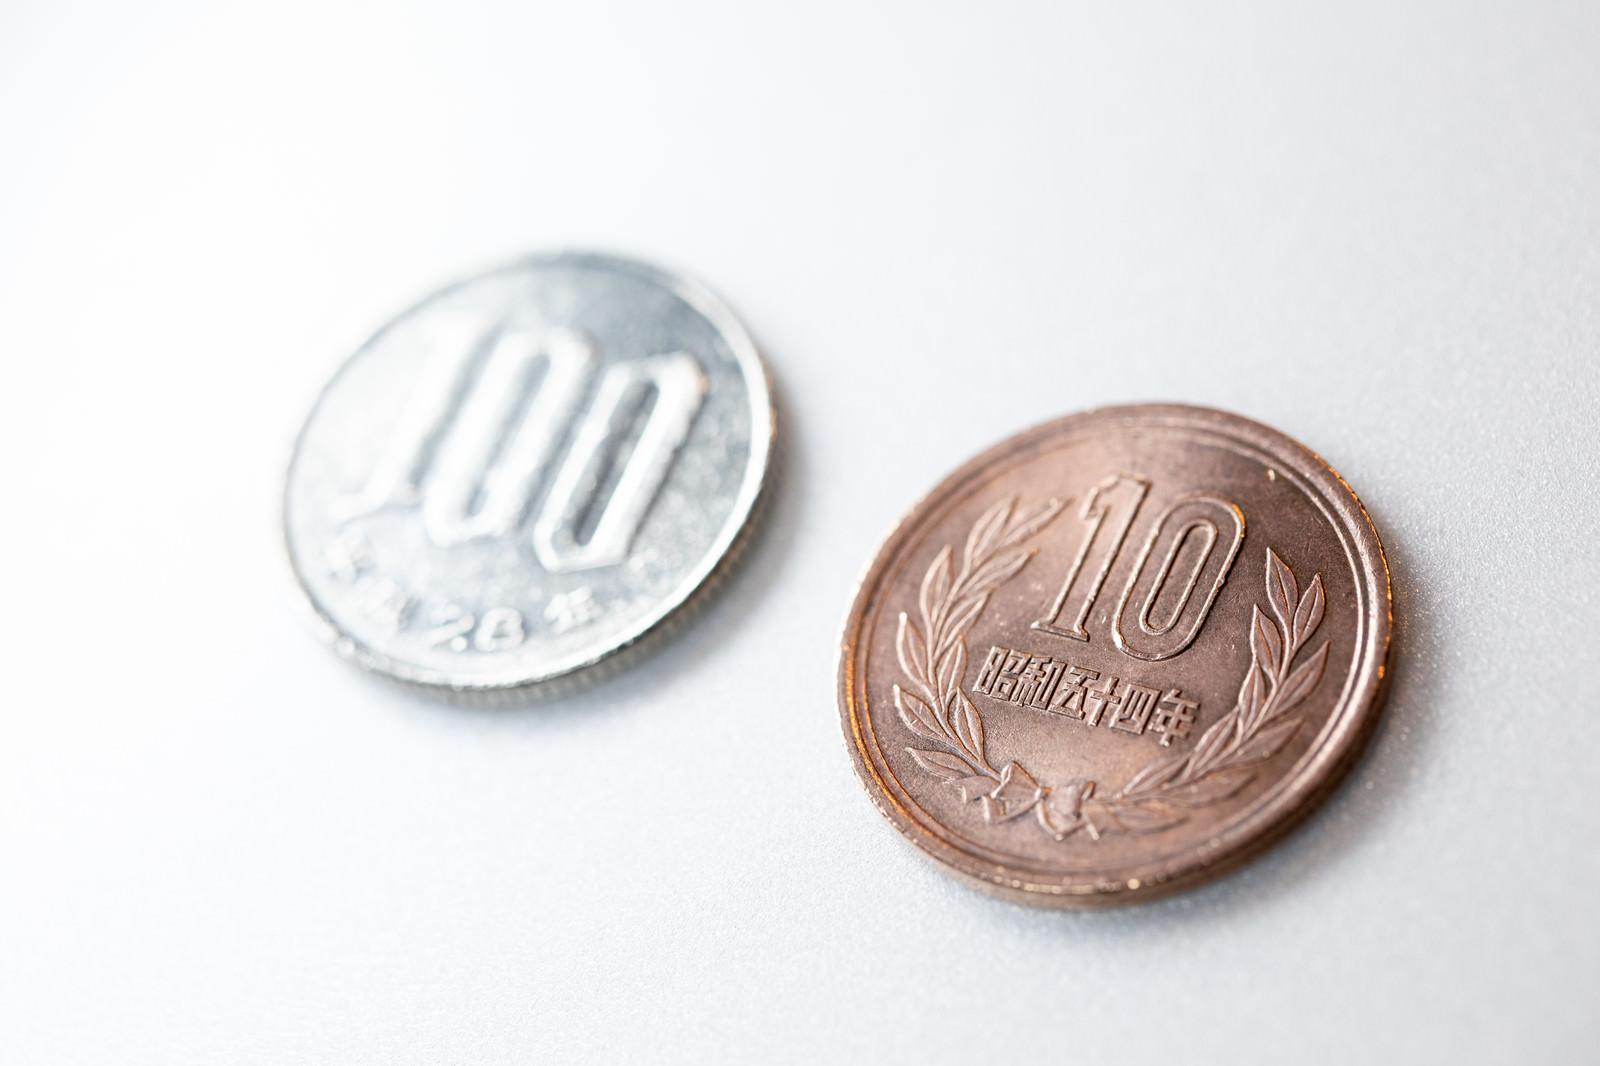 「消費税増税スタートで110円に」の写真